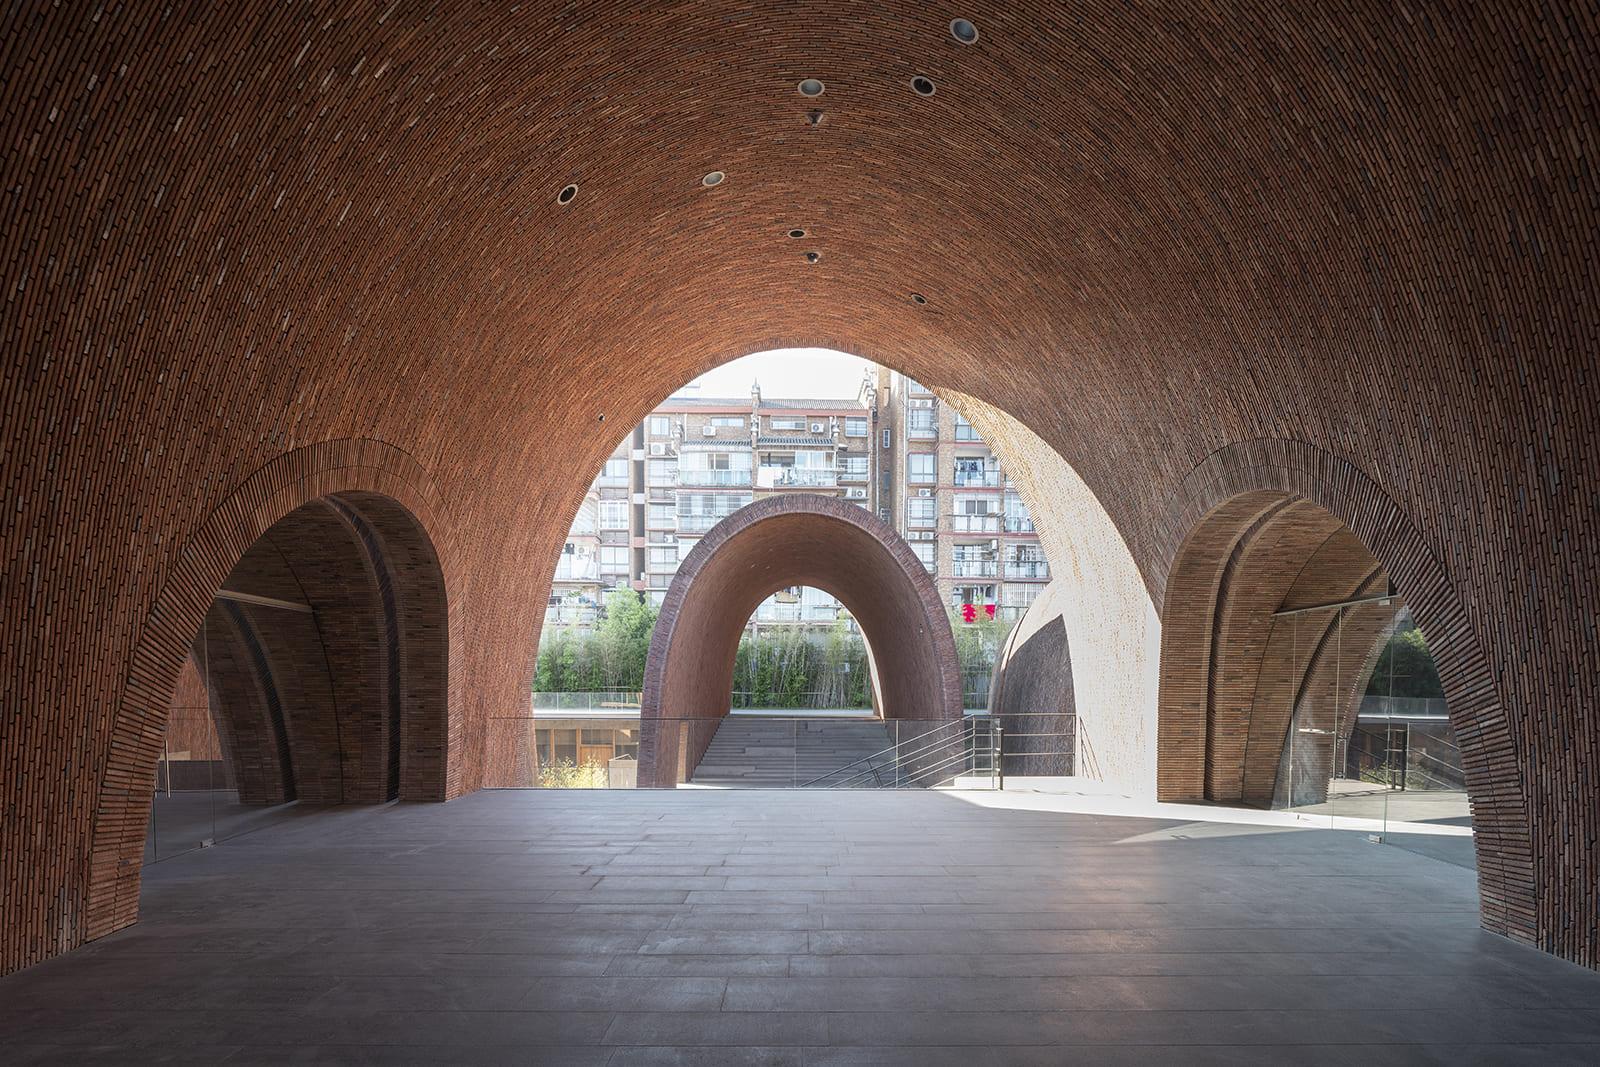 Imperial Kiln Museum in Jingdezhen  - 11.1 ©Tian Fangfang 1 57